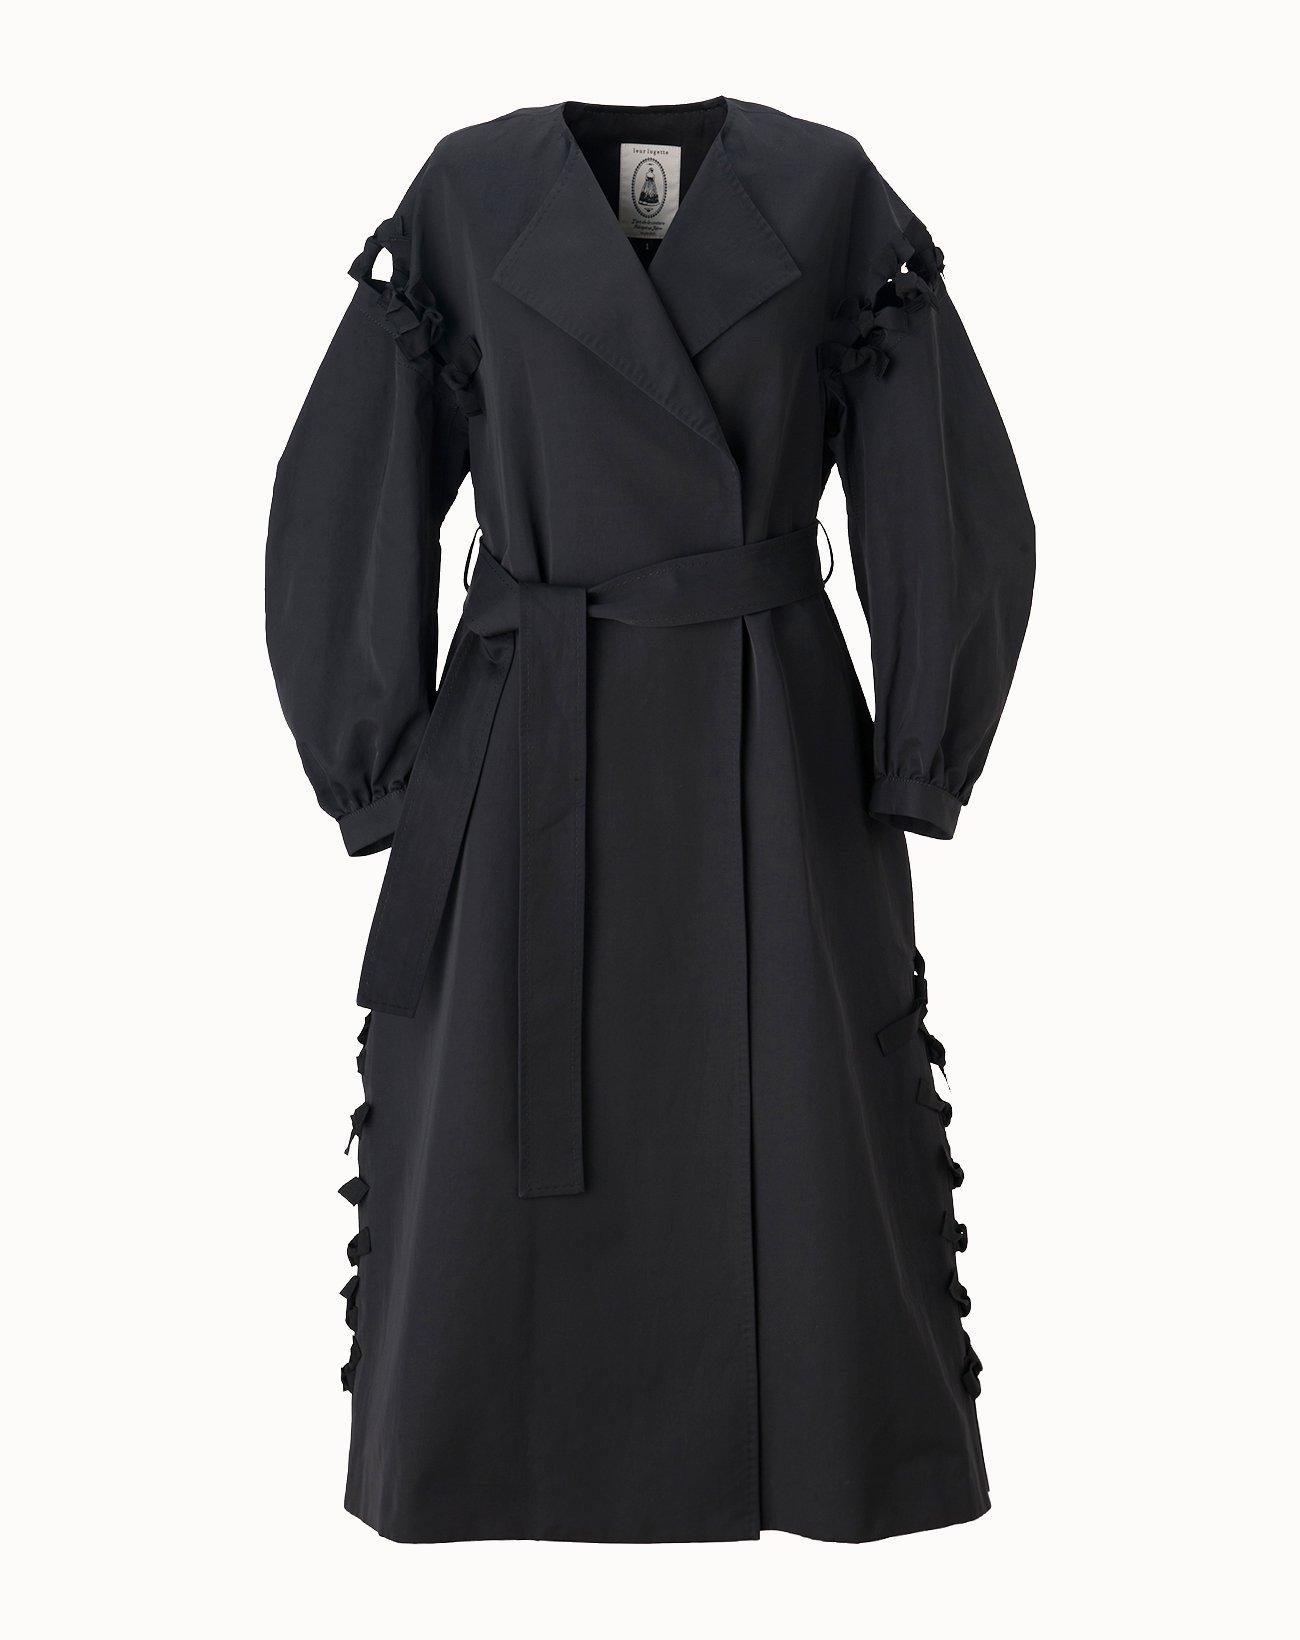 Vintage Twill Coat - Black